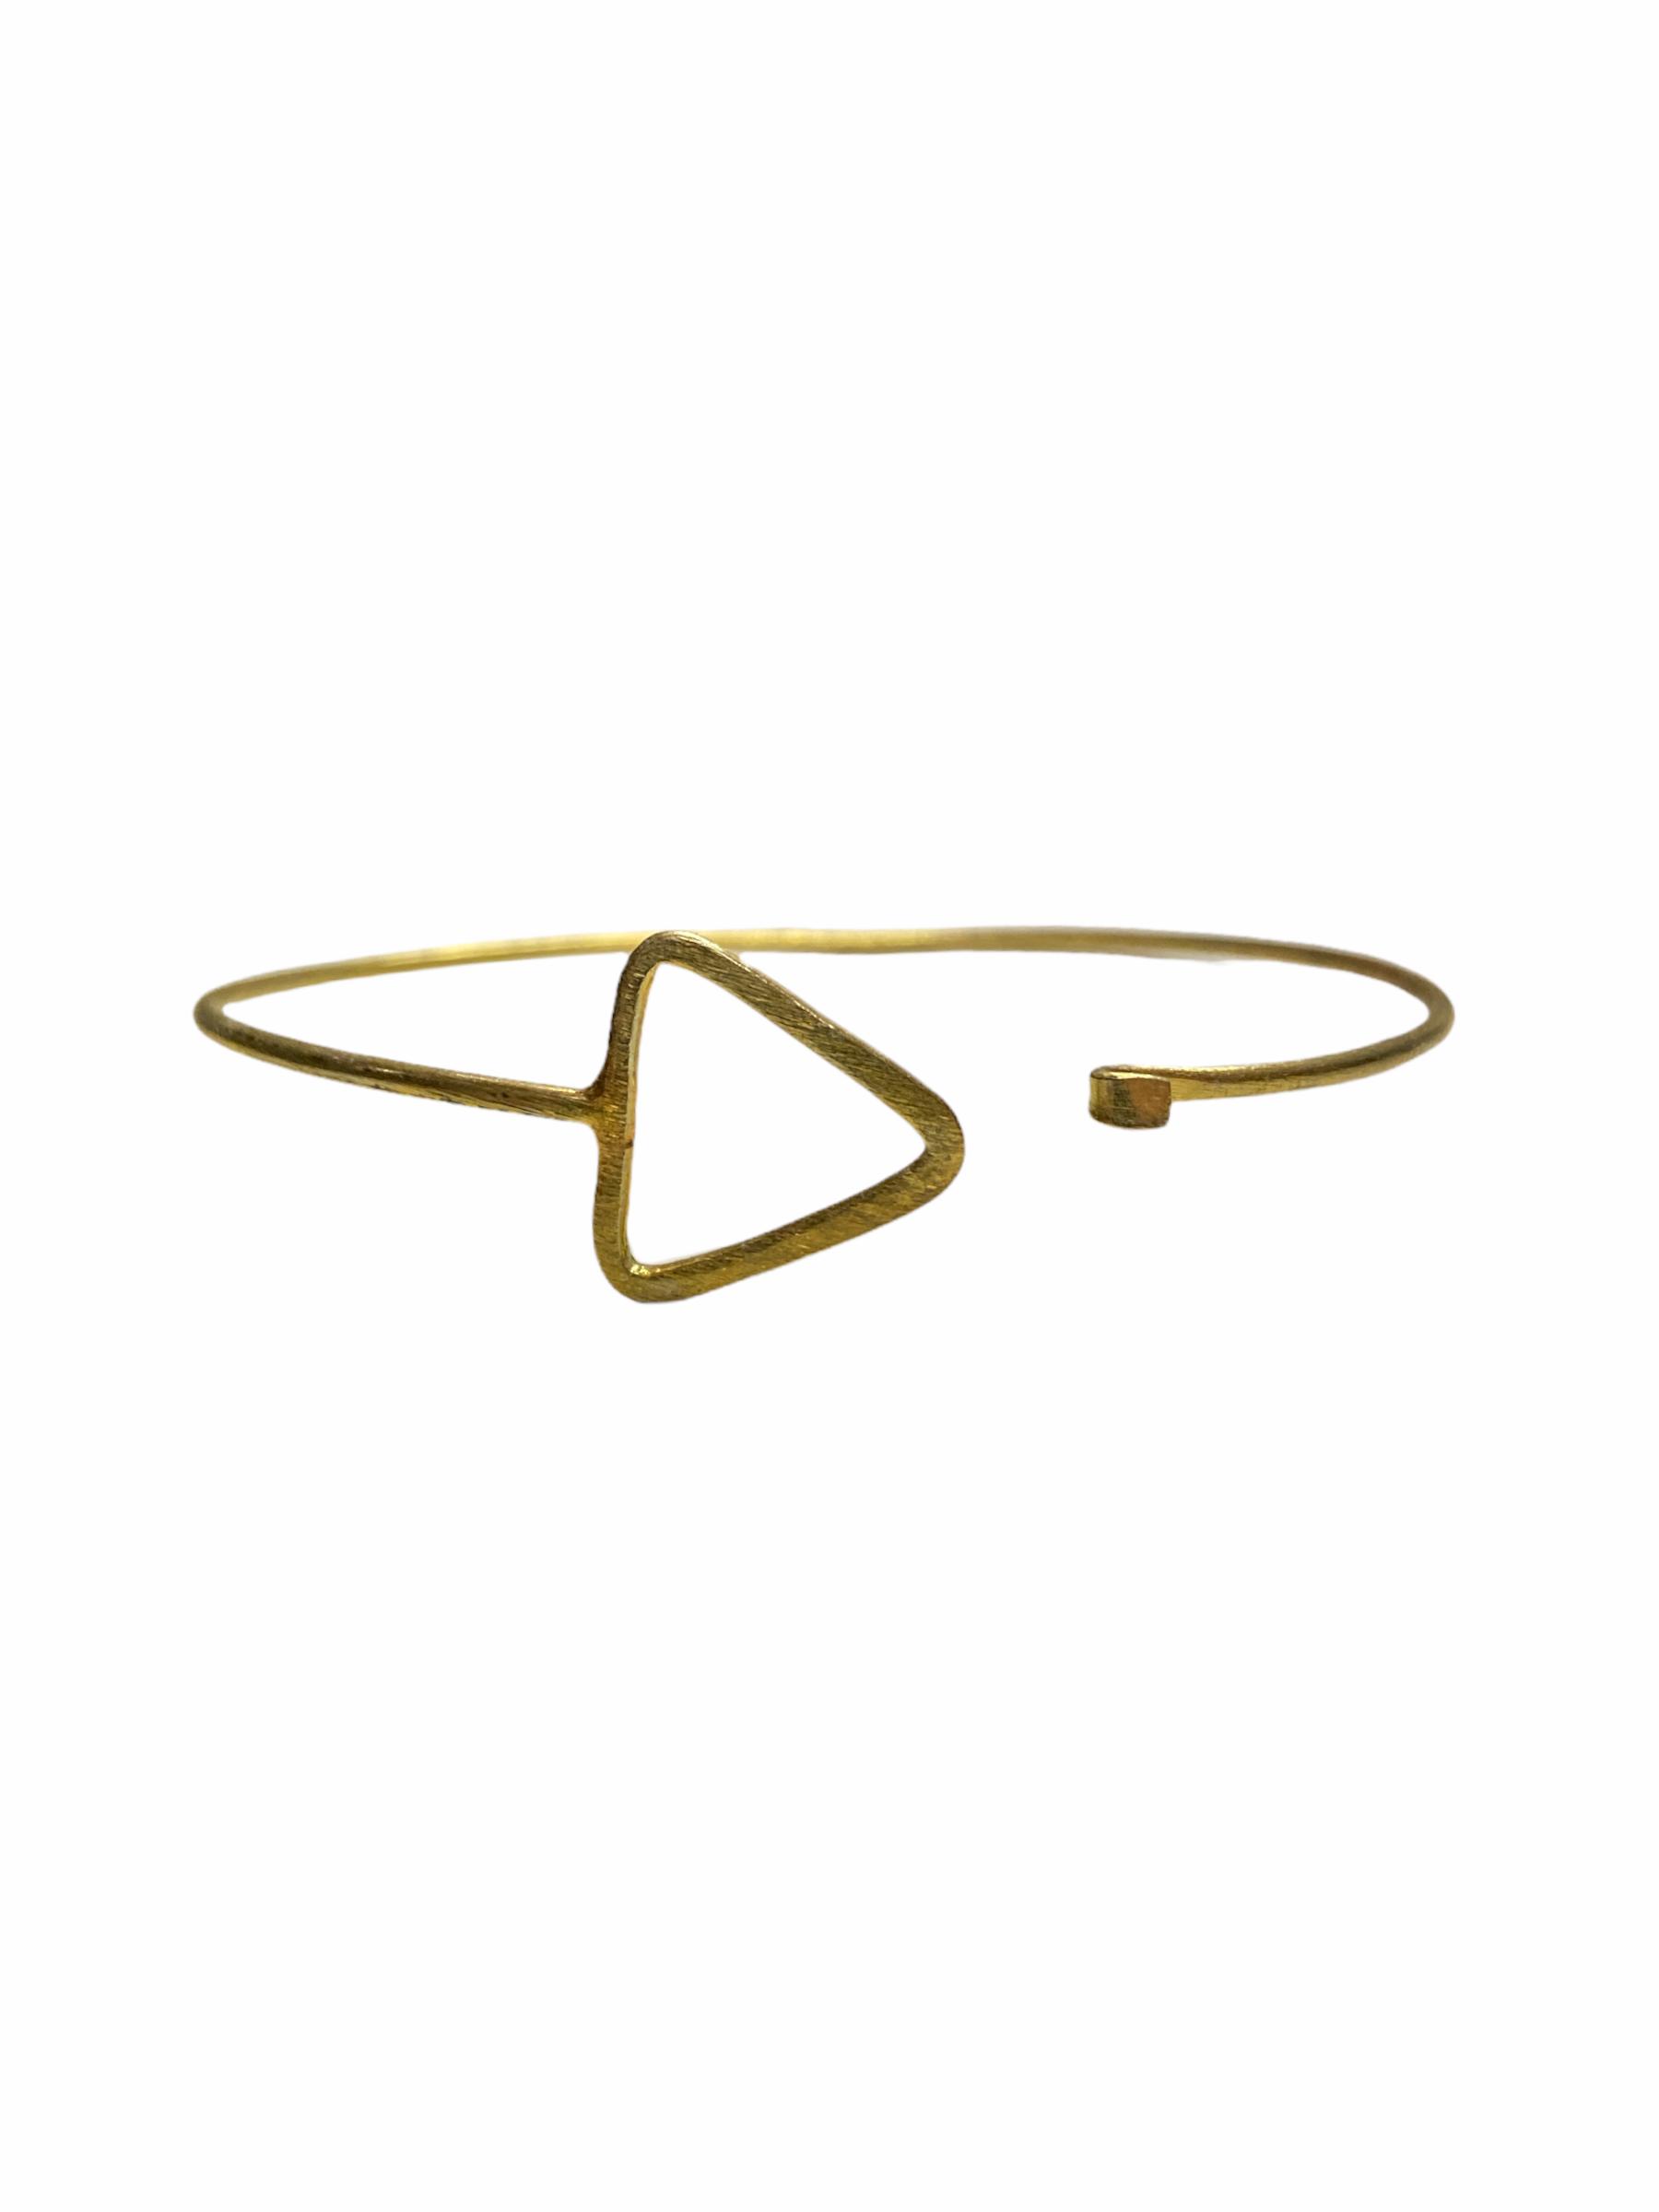 Βραχιόλι Χειροποίητο Τρίγωνο Σχήμα Σε Χρυσό Χρώμα